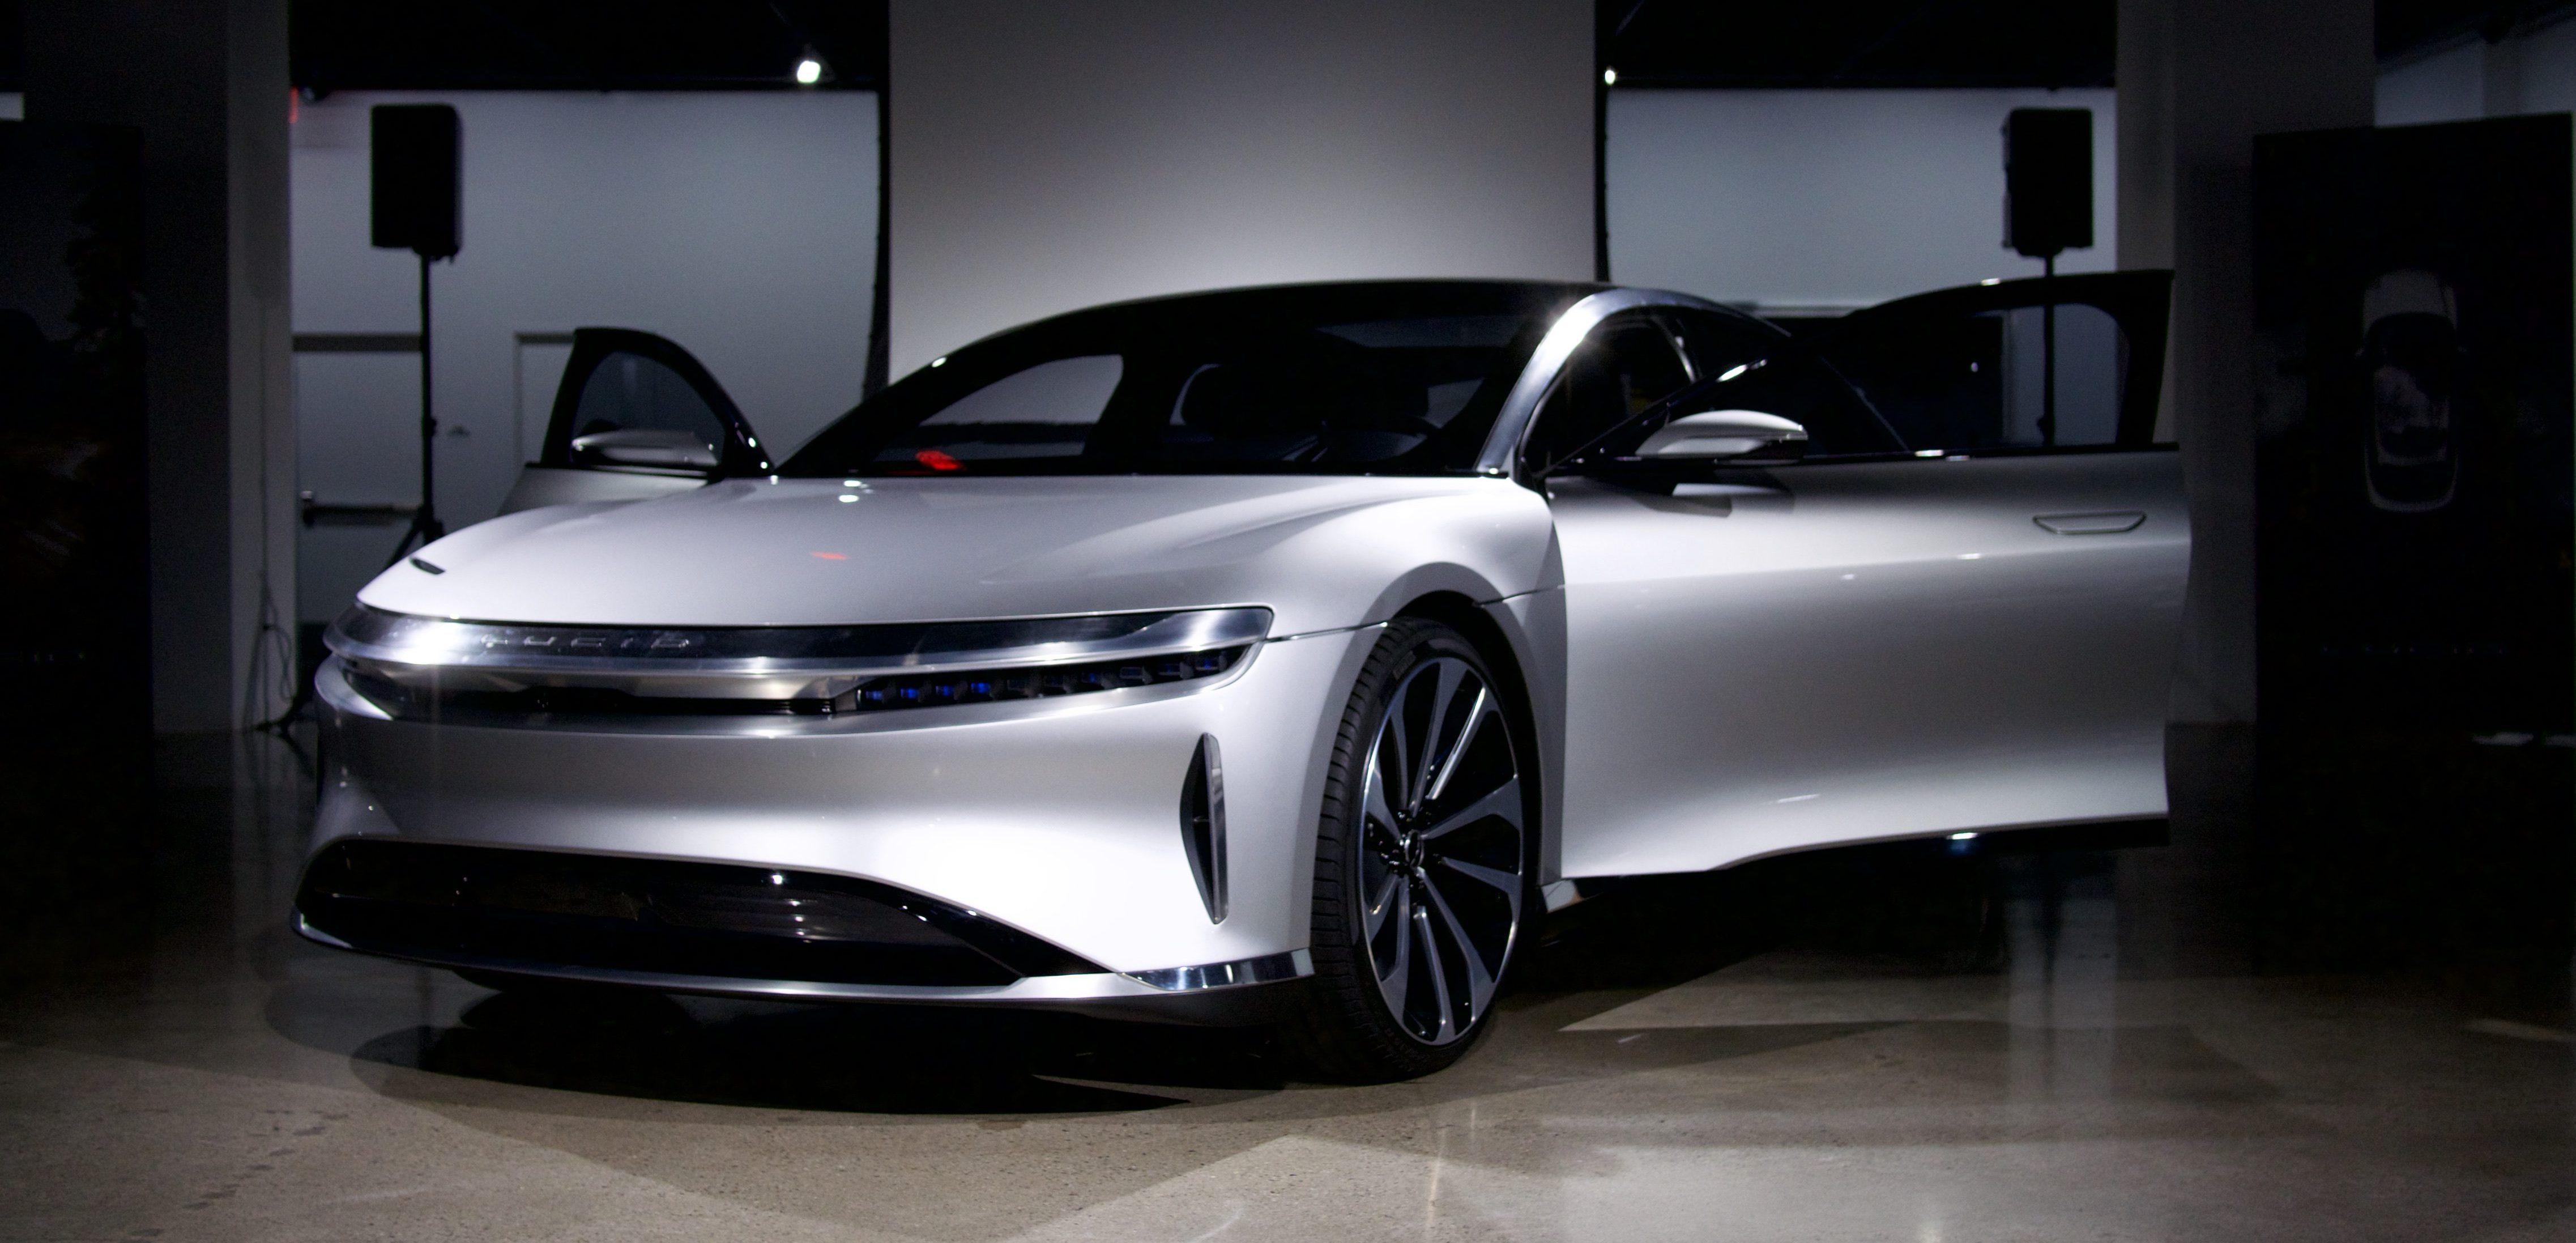 特斯拉劲敌东山再起  Lucid Motors缠斗新能源车市场